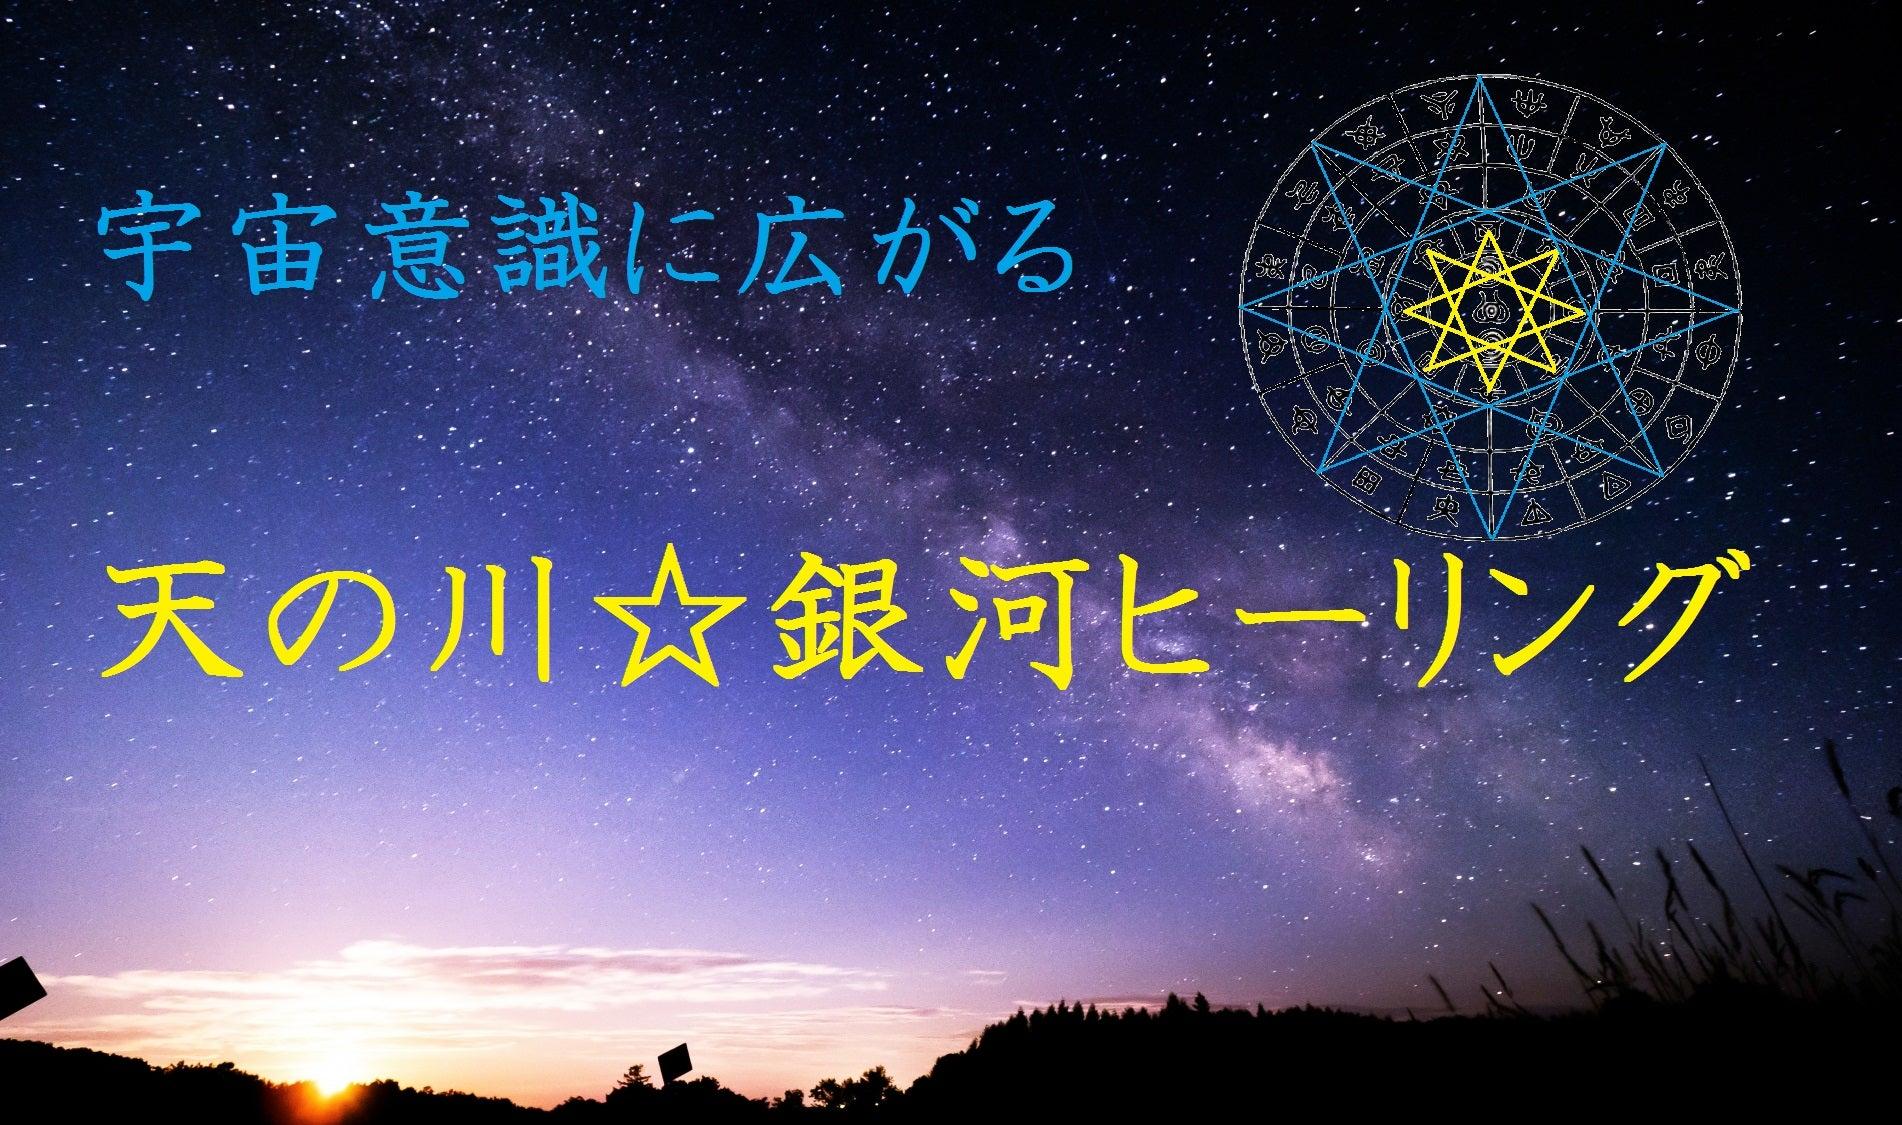 宇宙につながる天の川☆銀河ヒーリングのご感想